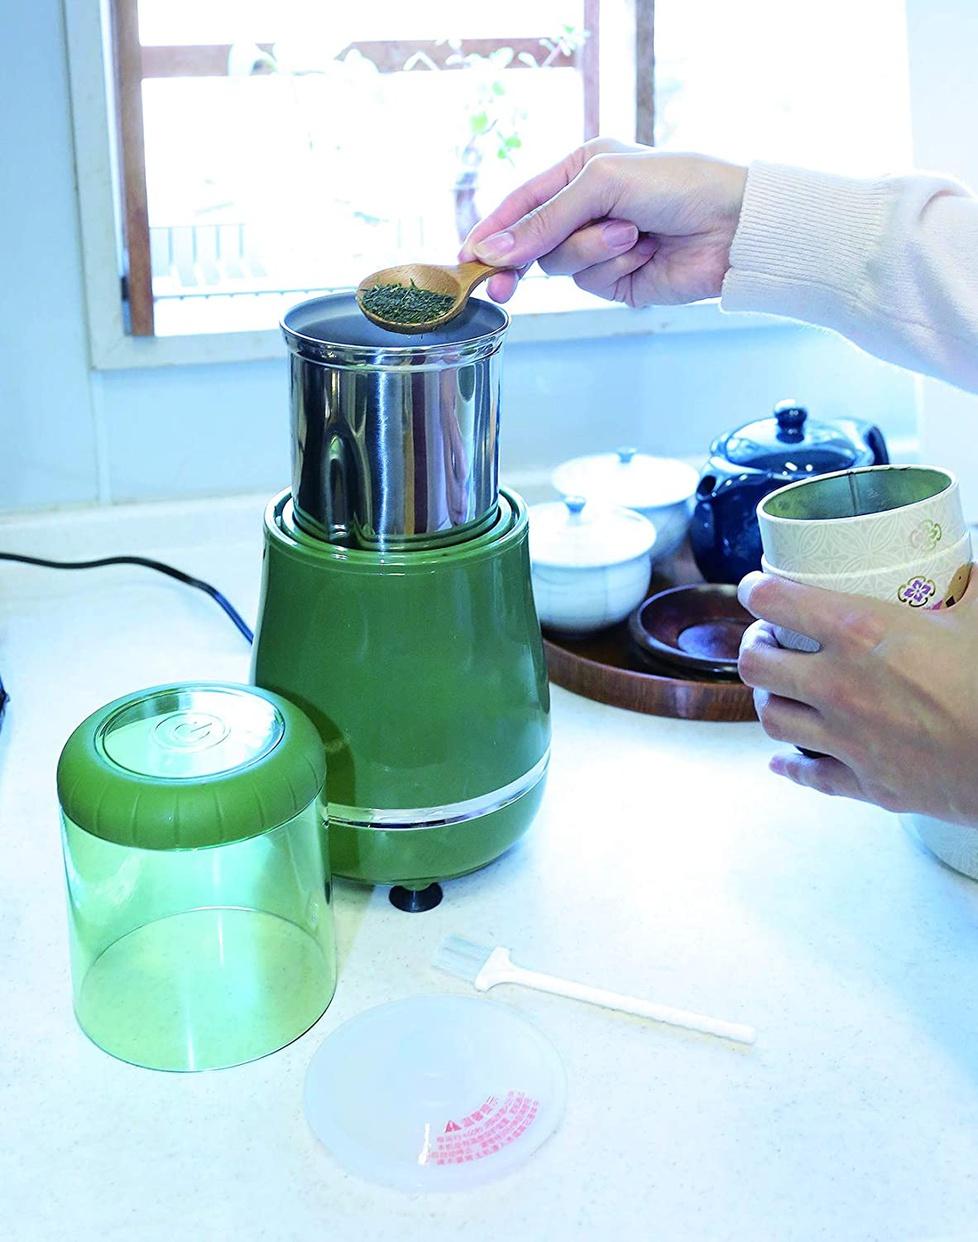 MARIN(マリン) 電動お茶挽き器 Ki-80524の商品画像2